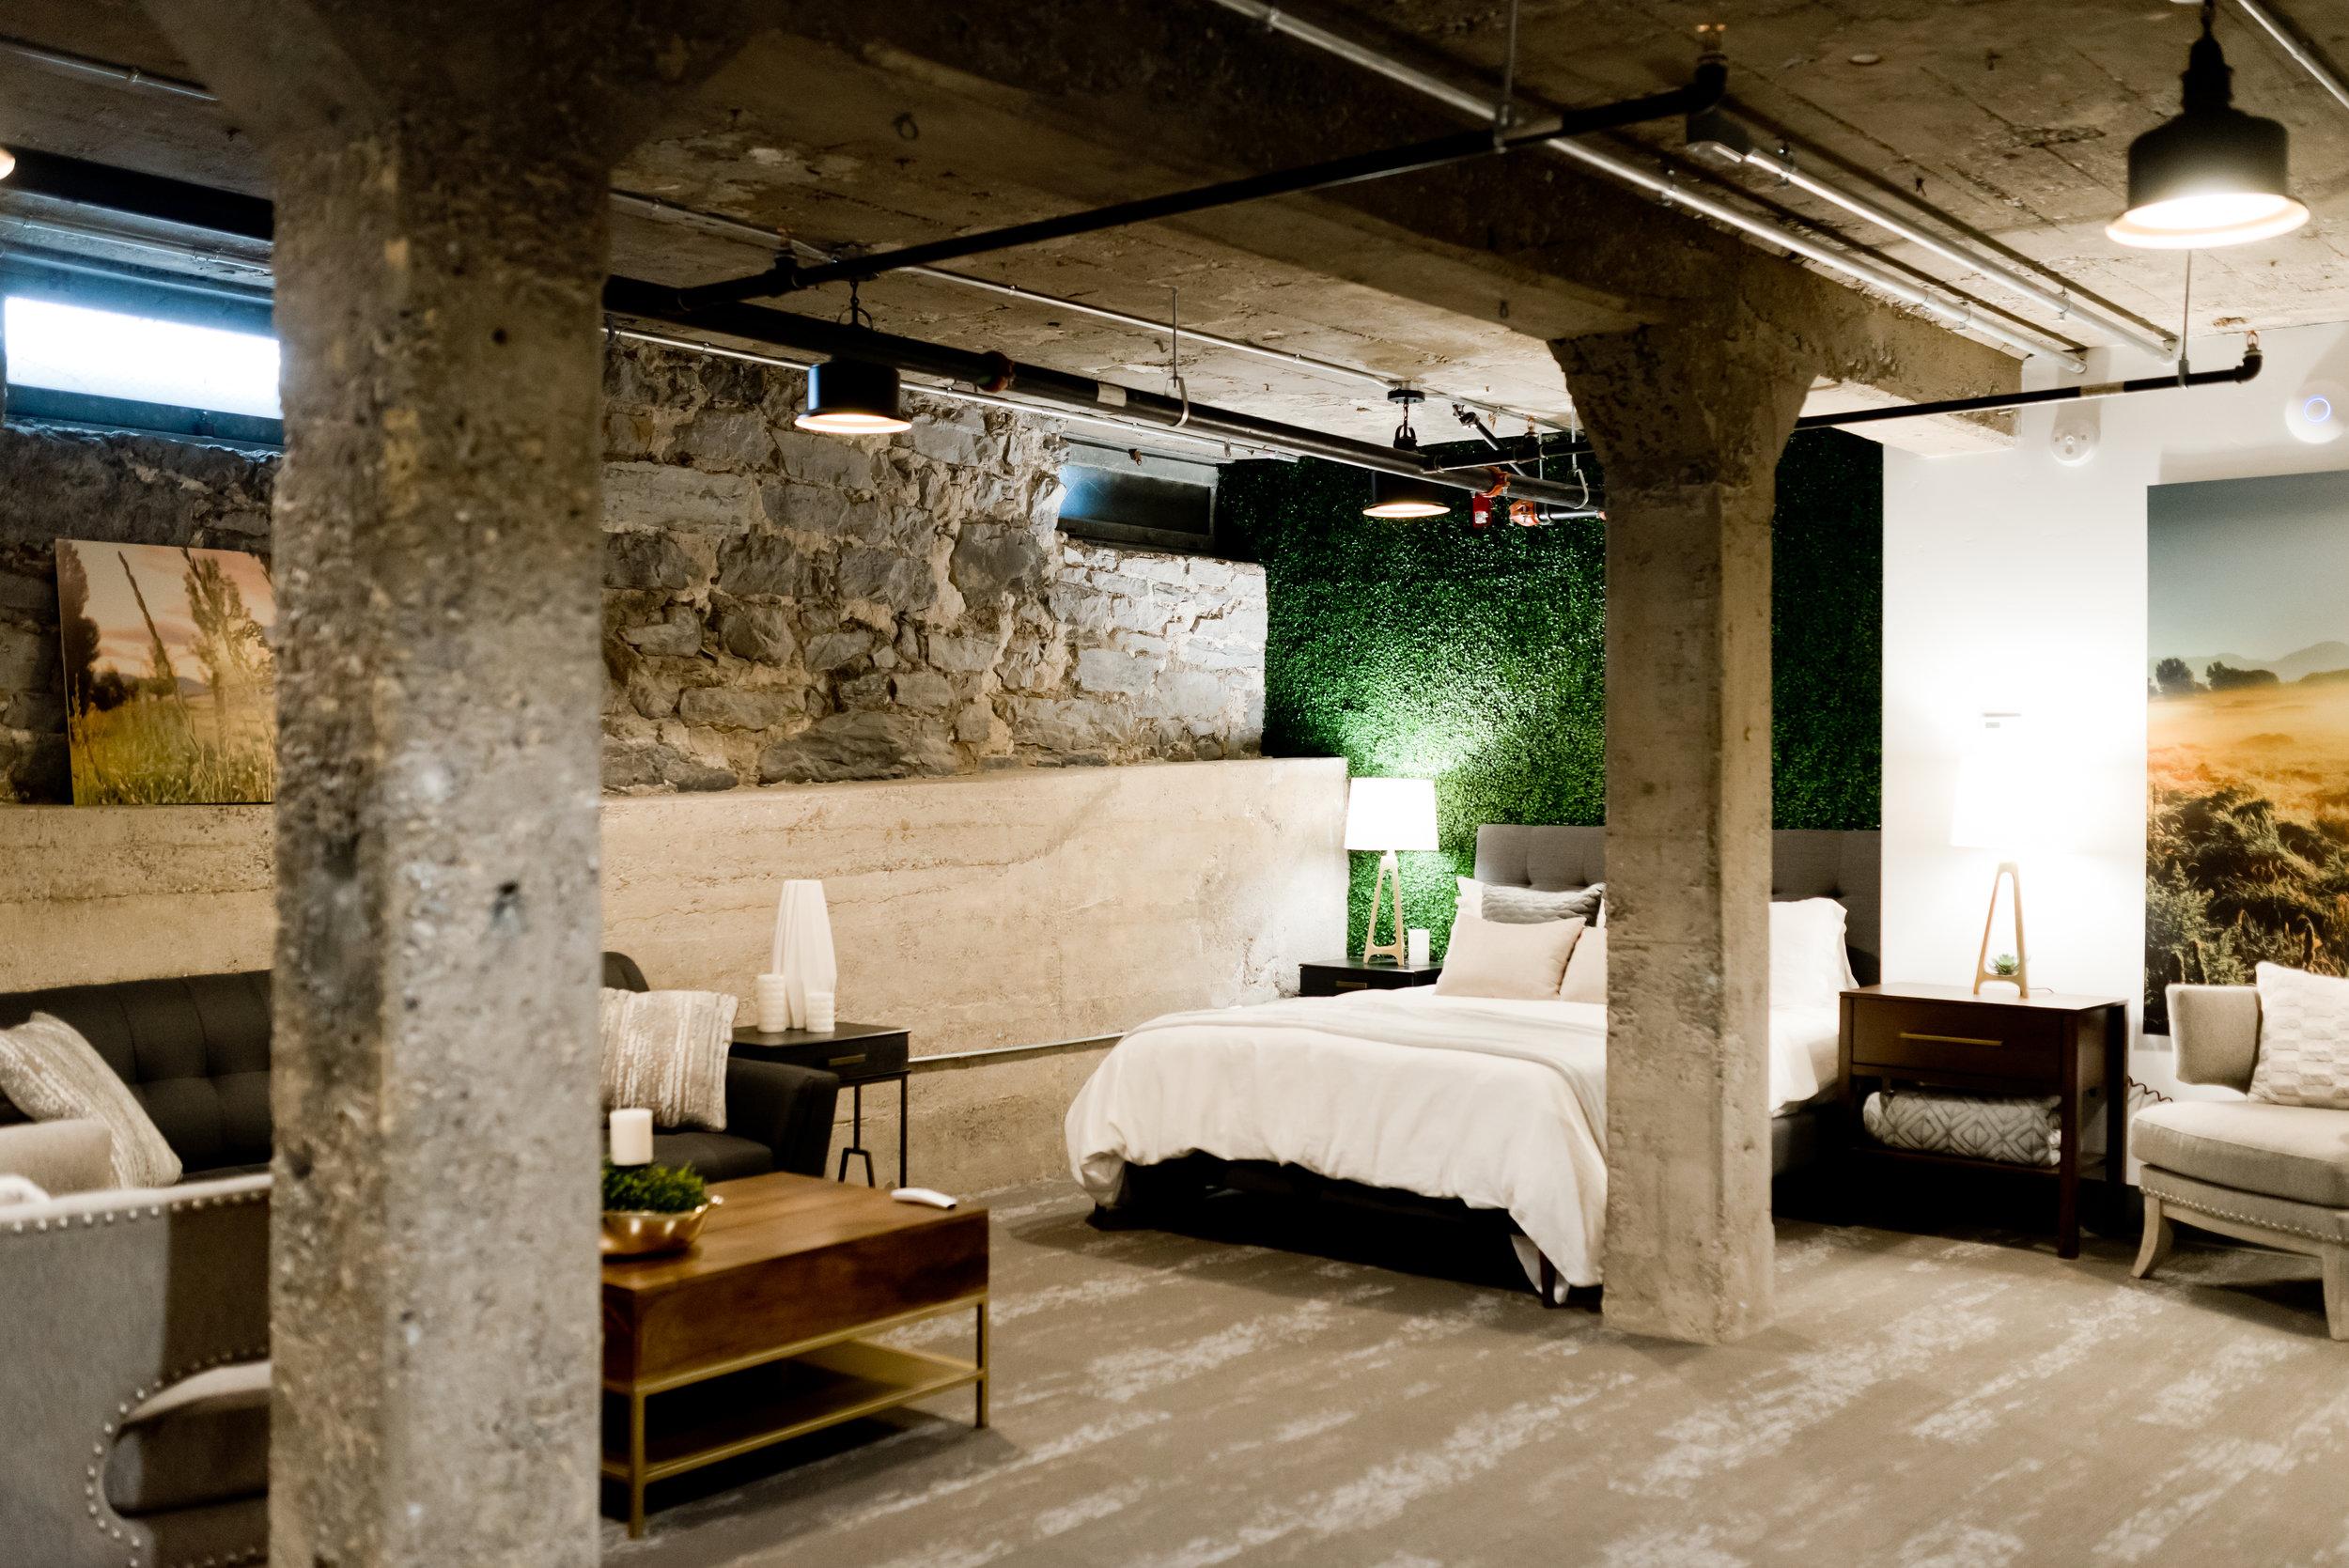 LowerFlatLuxurySuite_Bedroom_22EastCenter2.jpg